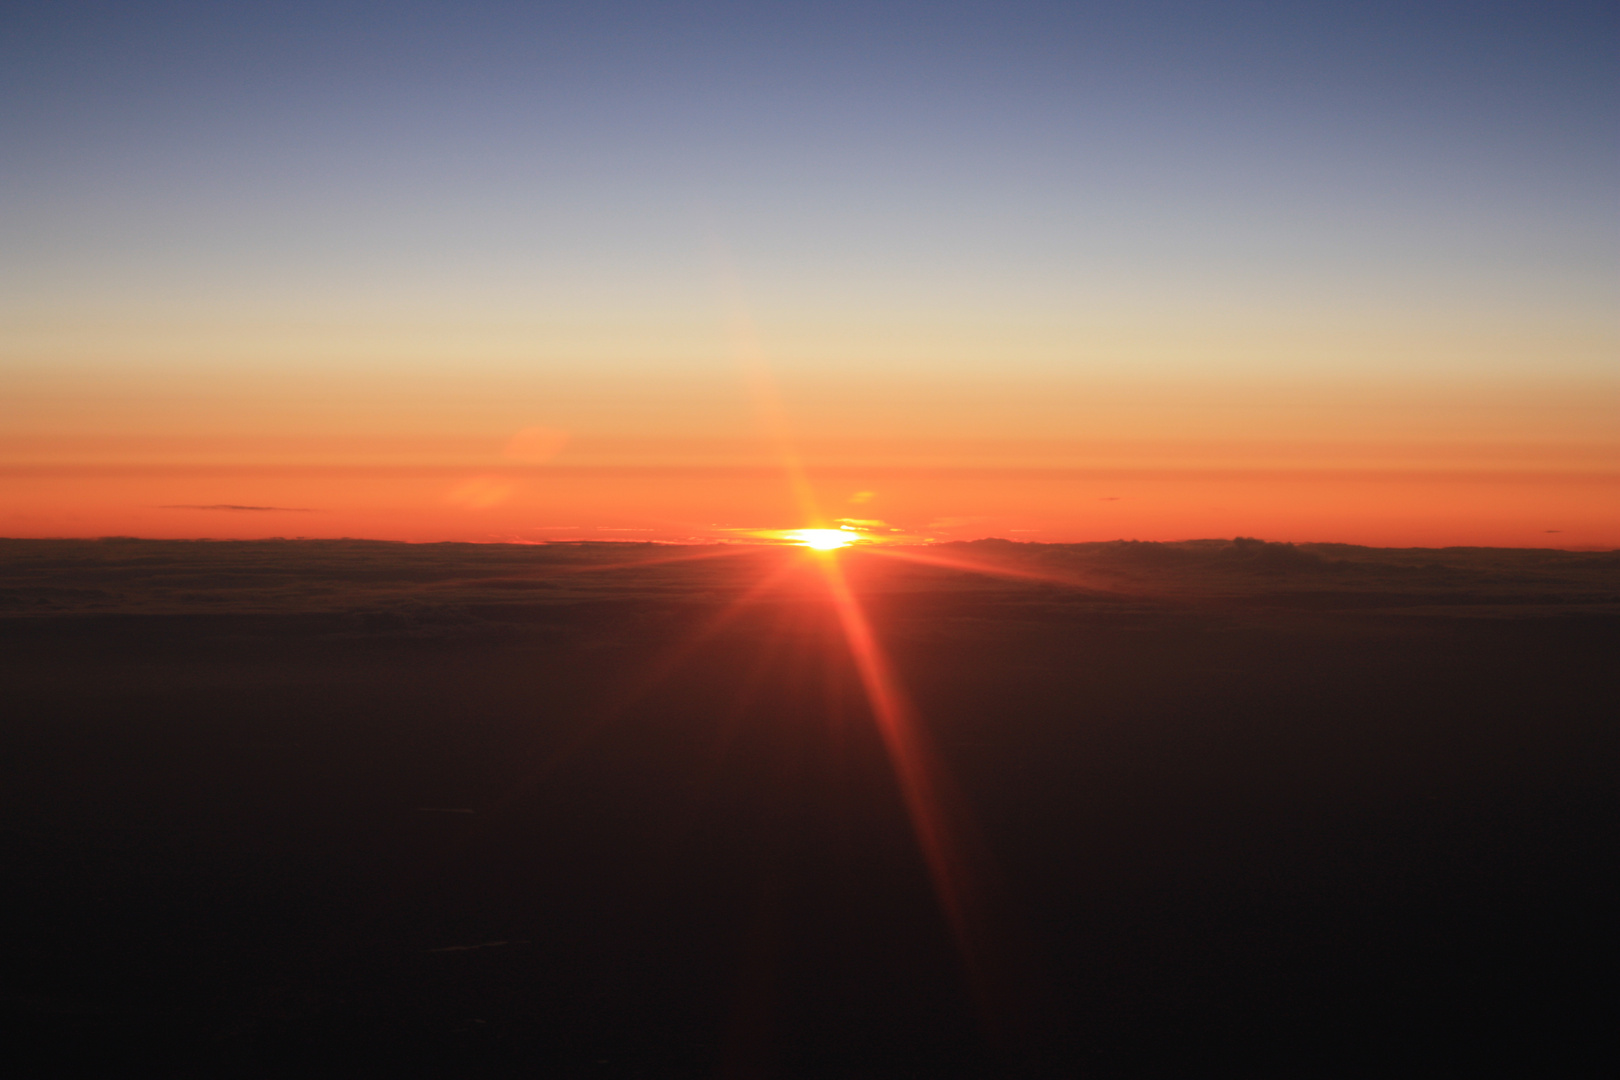 lever de soleil pris d'un avion